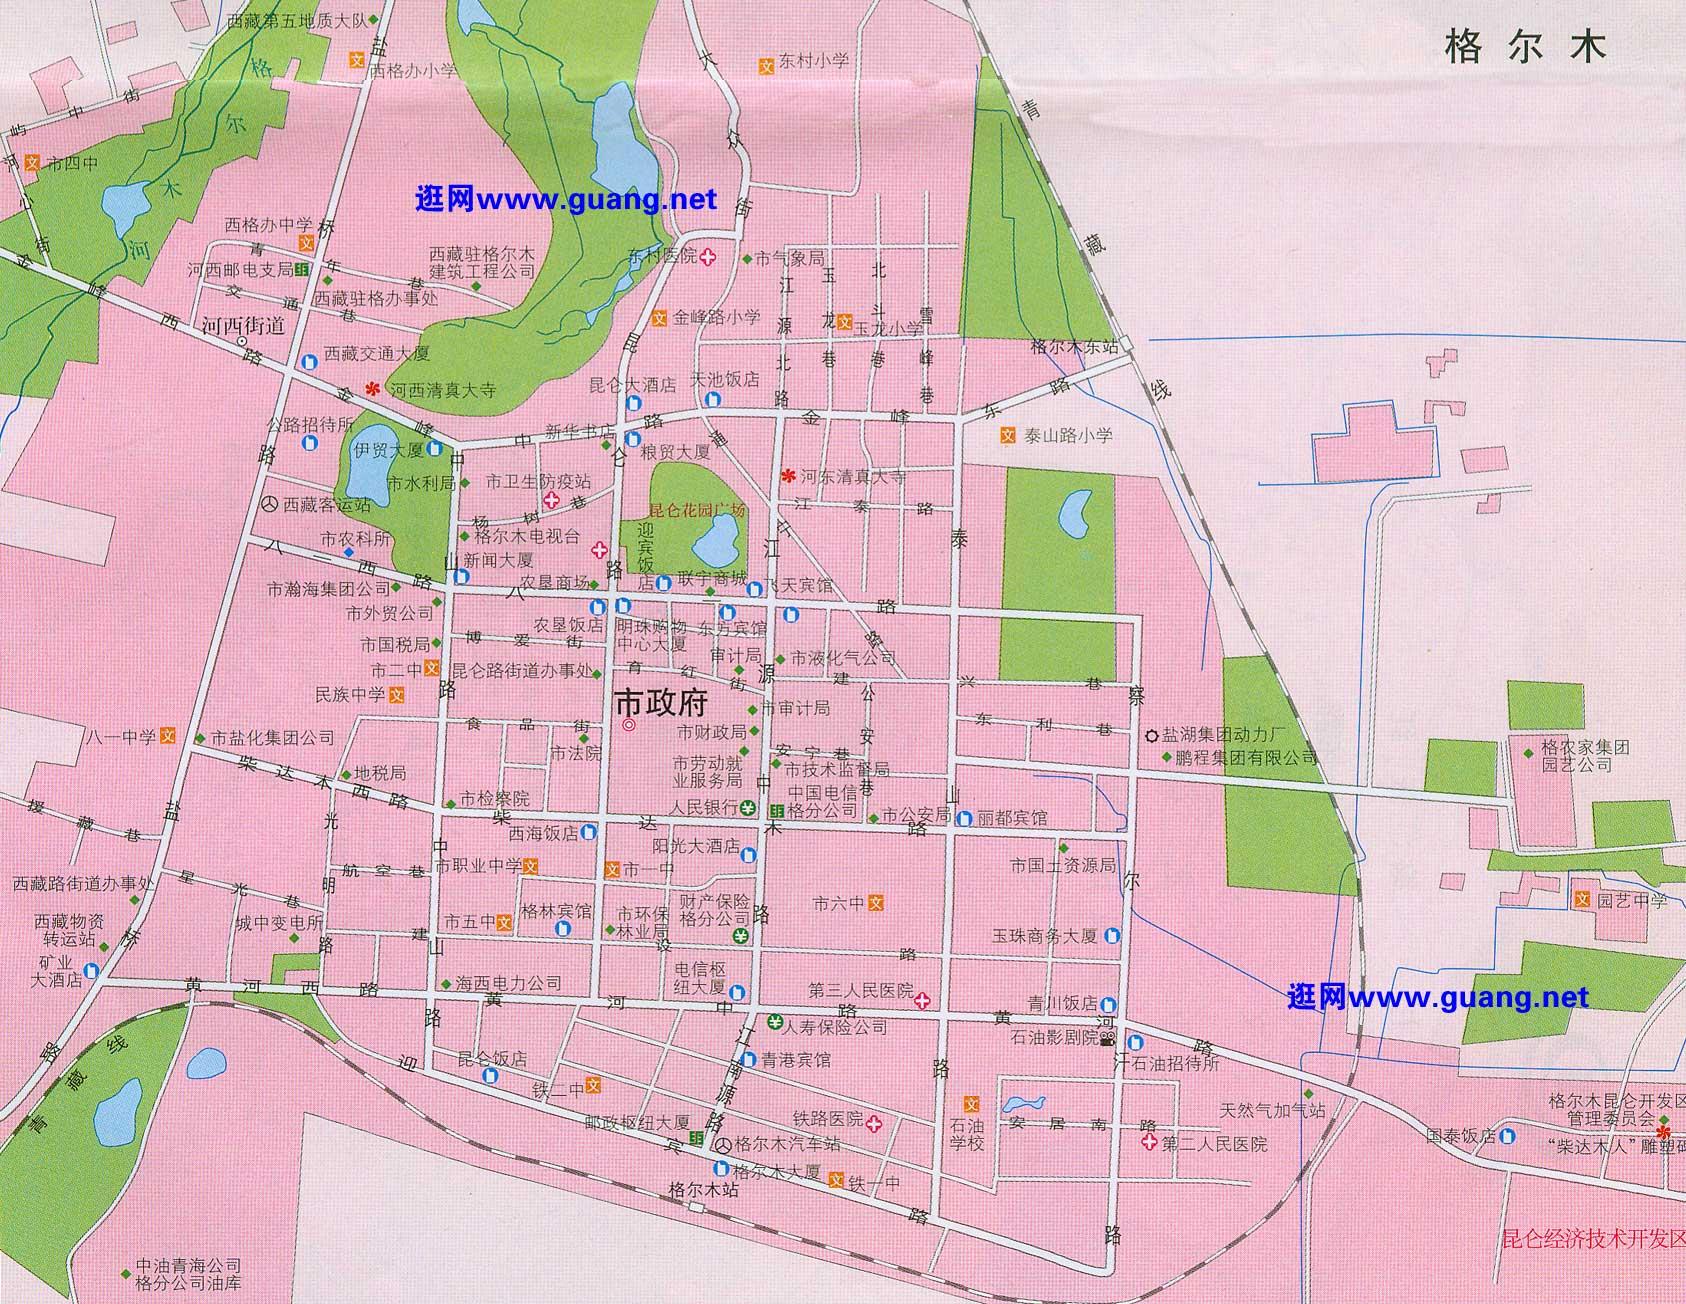 青海格尔木地图_格尔木地图的康兴华园展示_地图分享